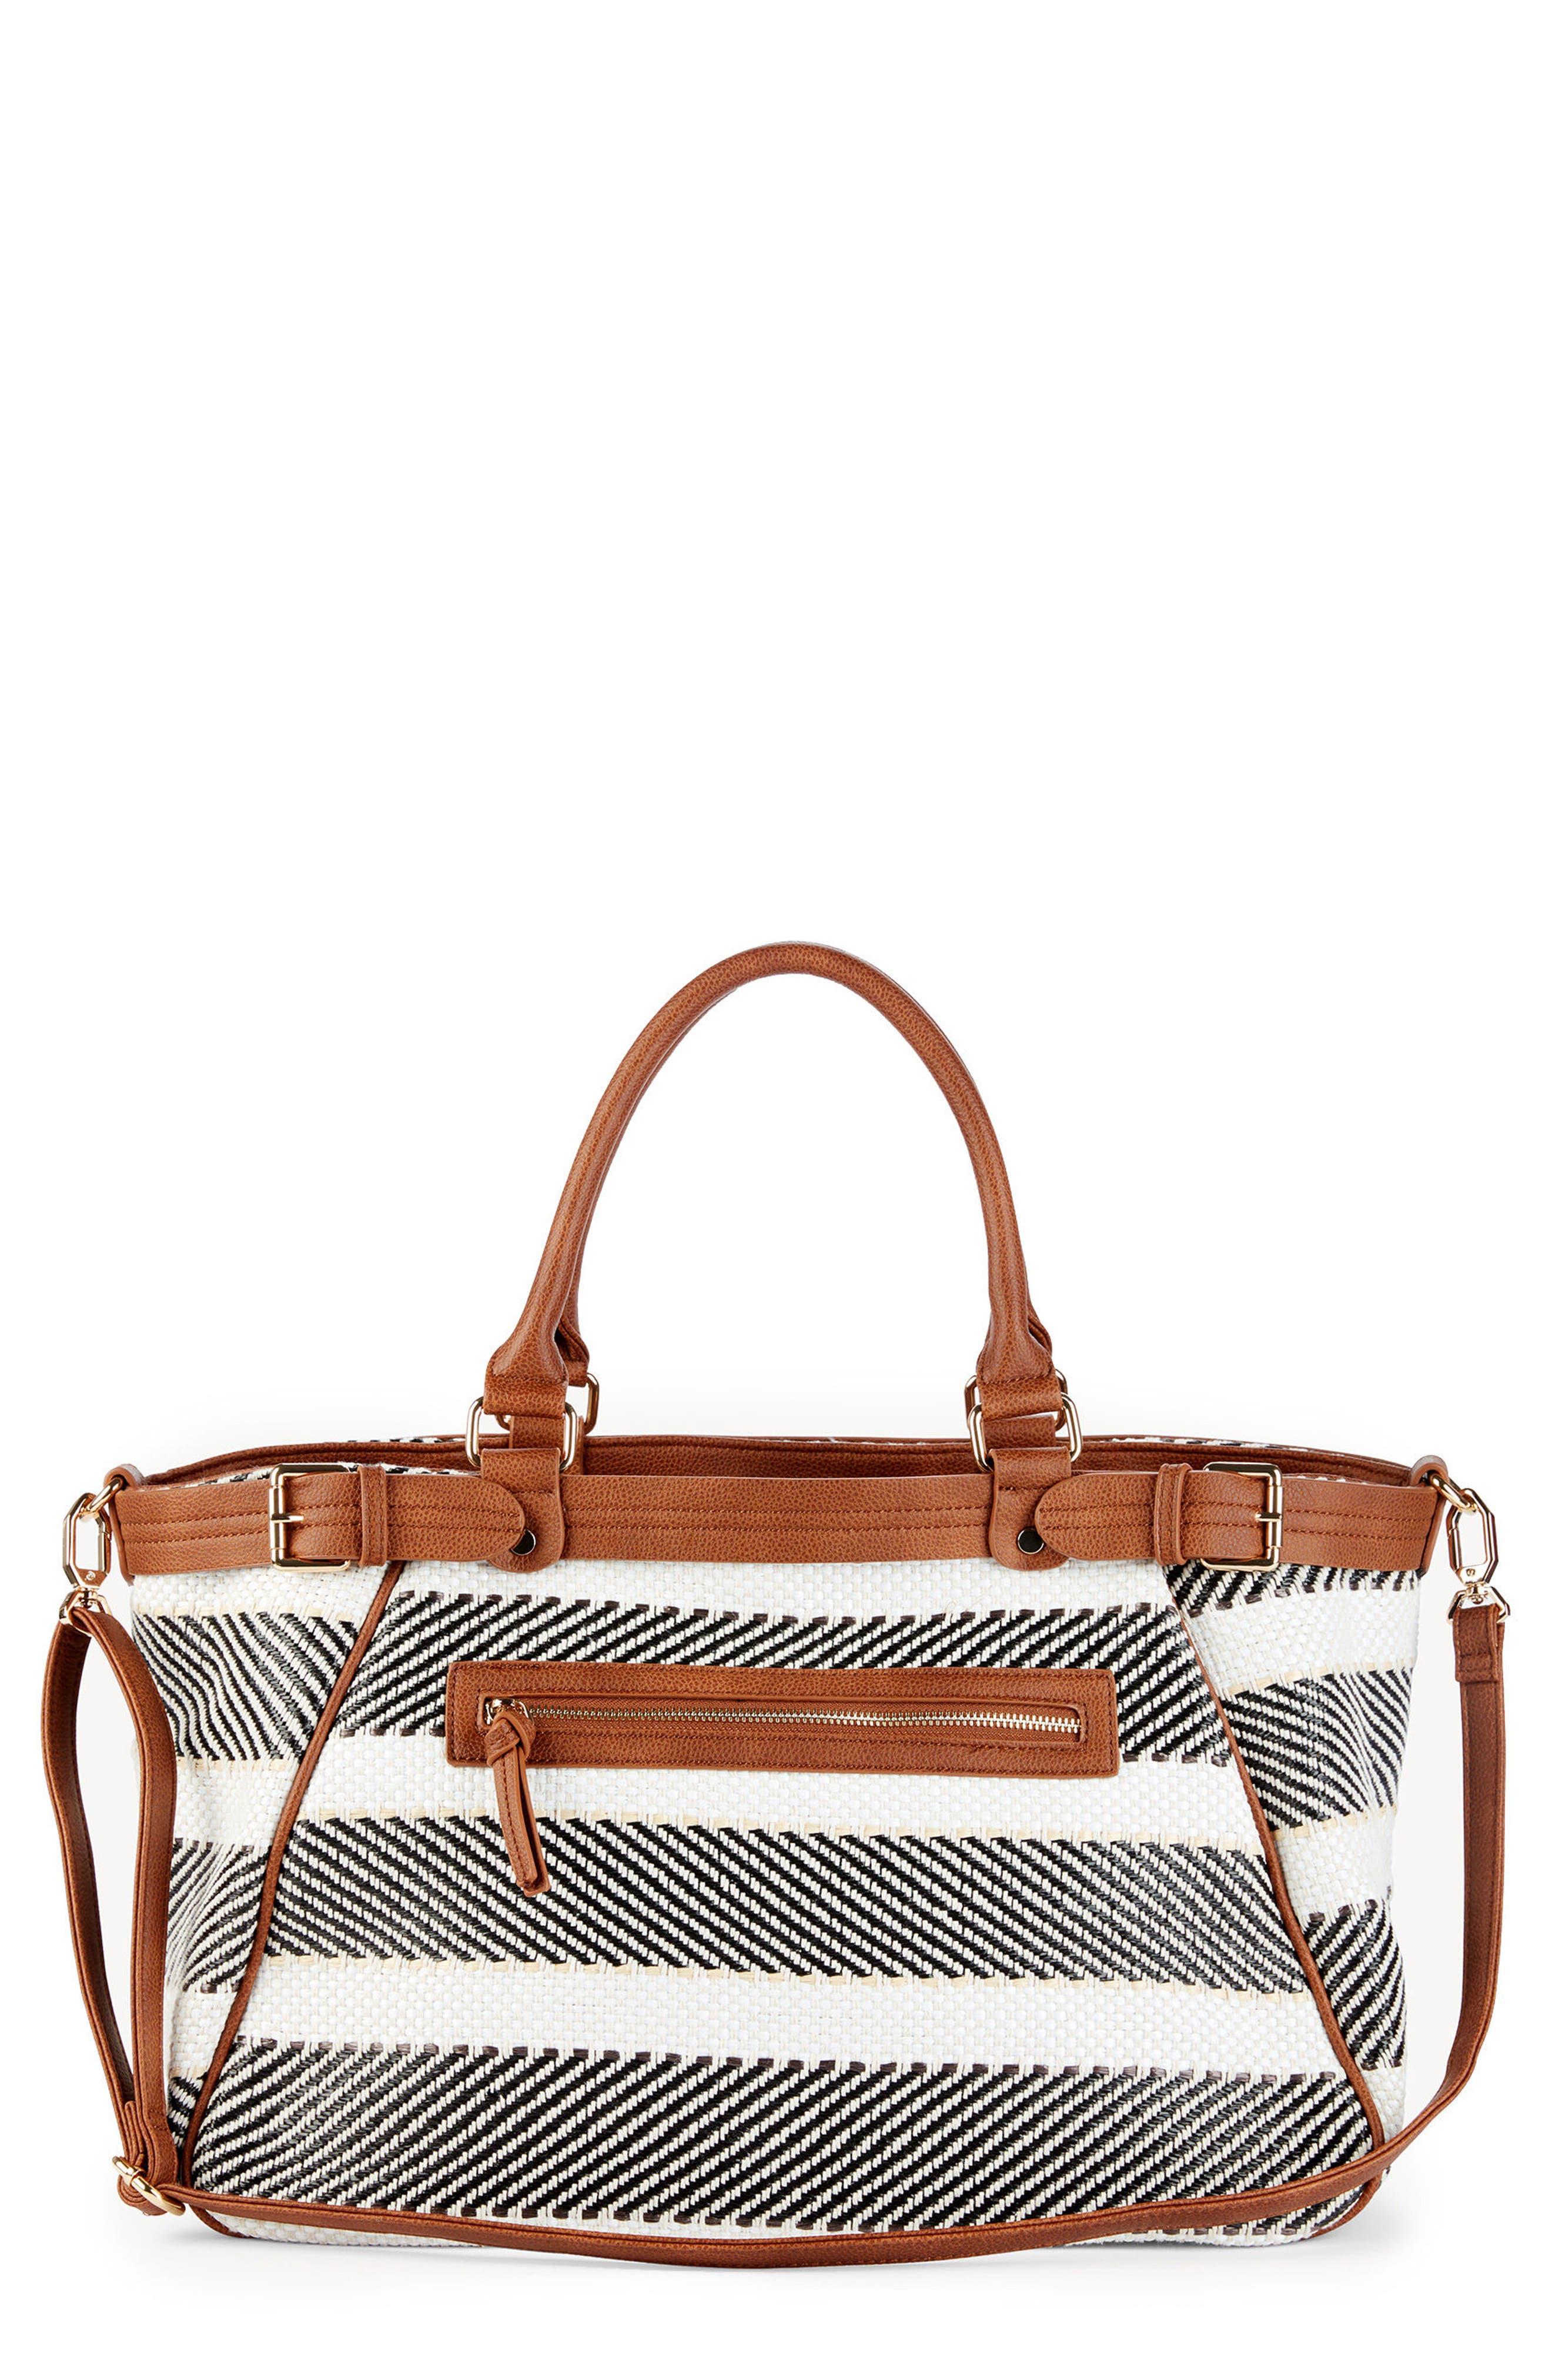 Stripe Woven Weekend Bag,                             Main thumbnail 1, color,                             Black/ Cream Combo